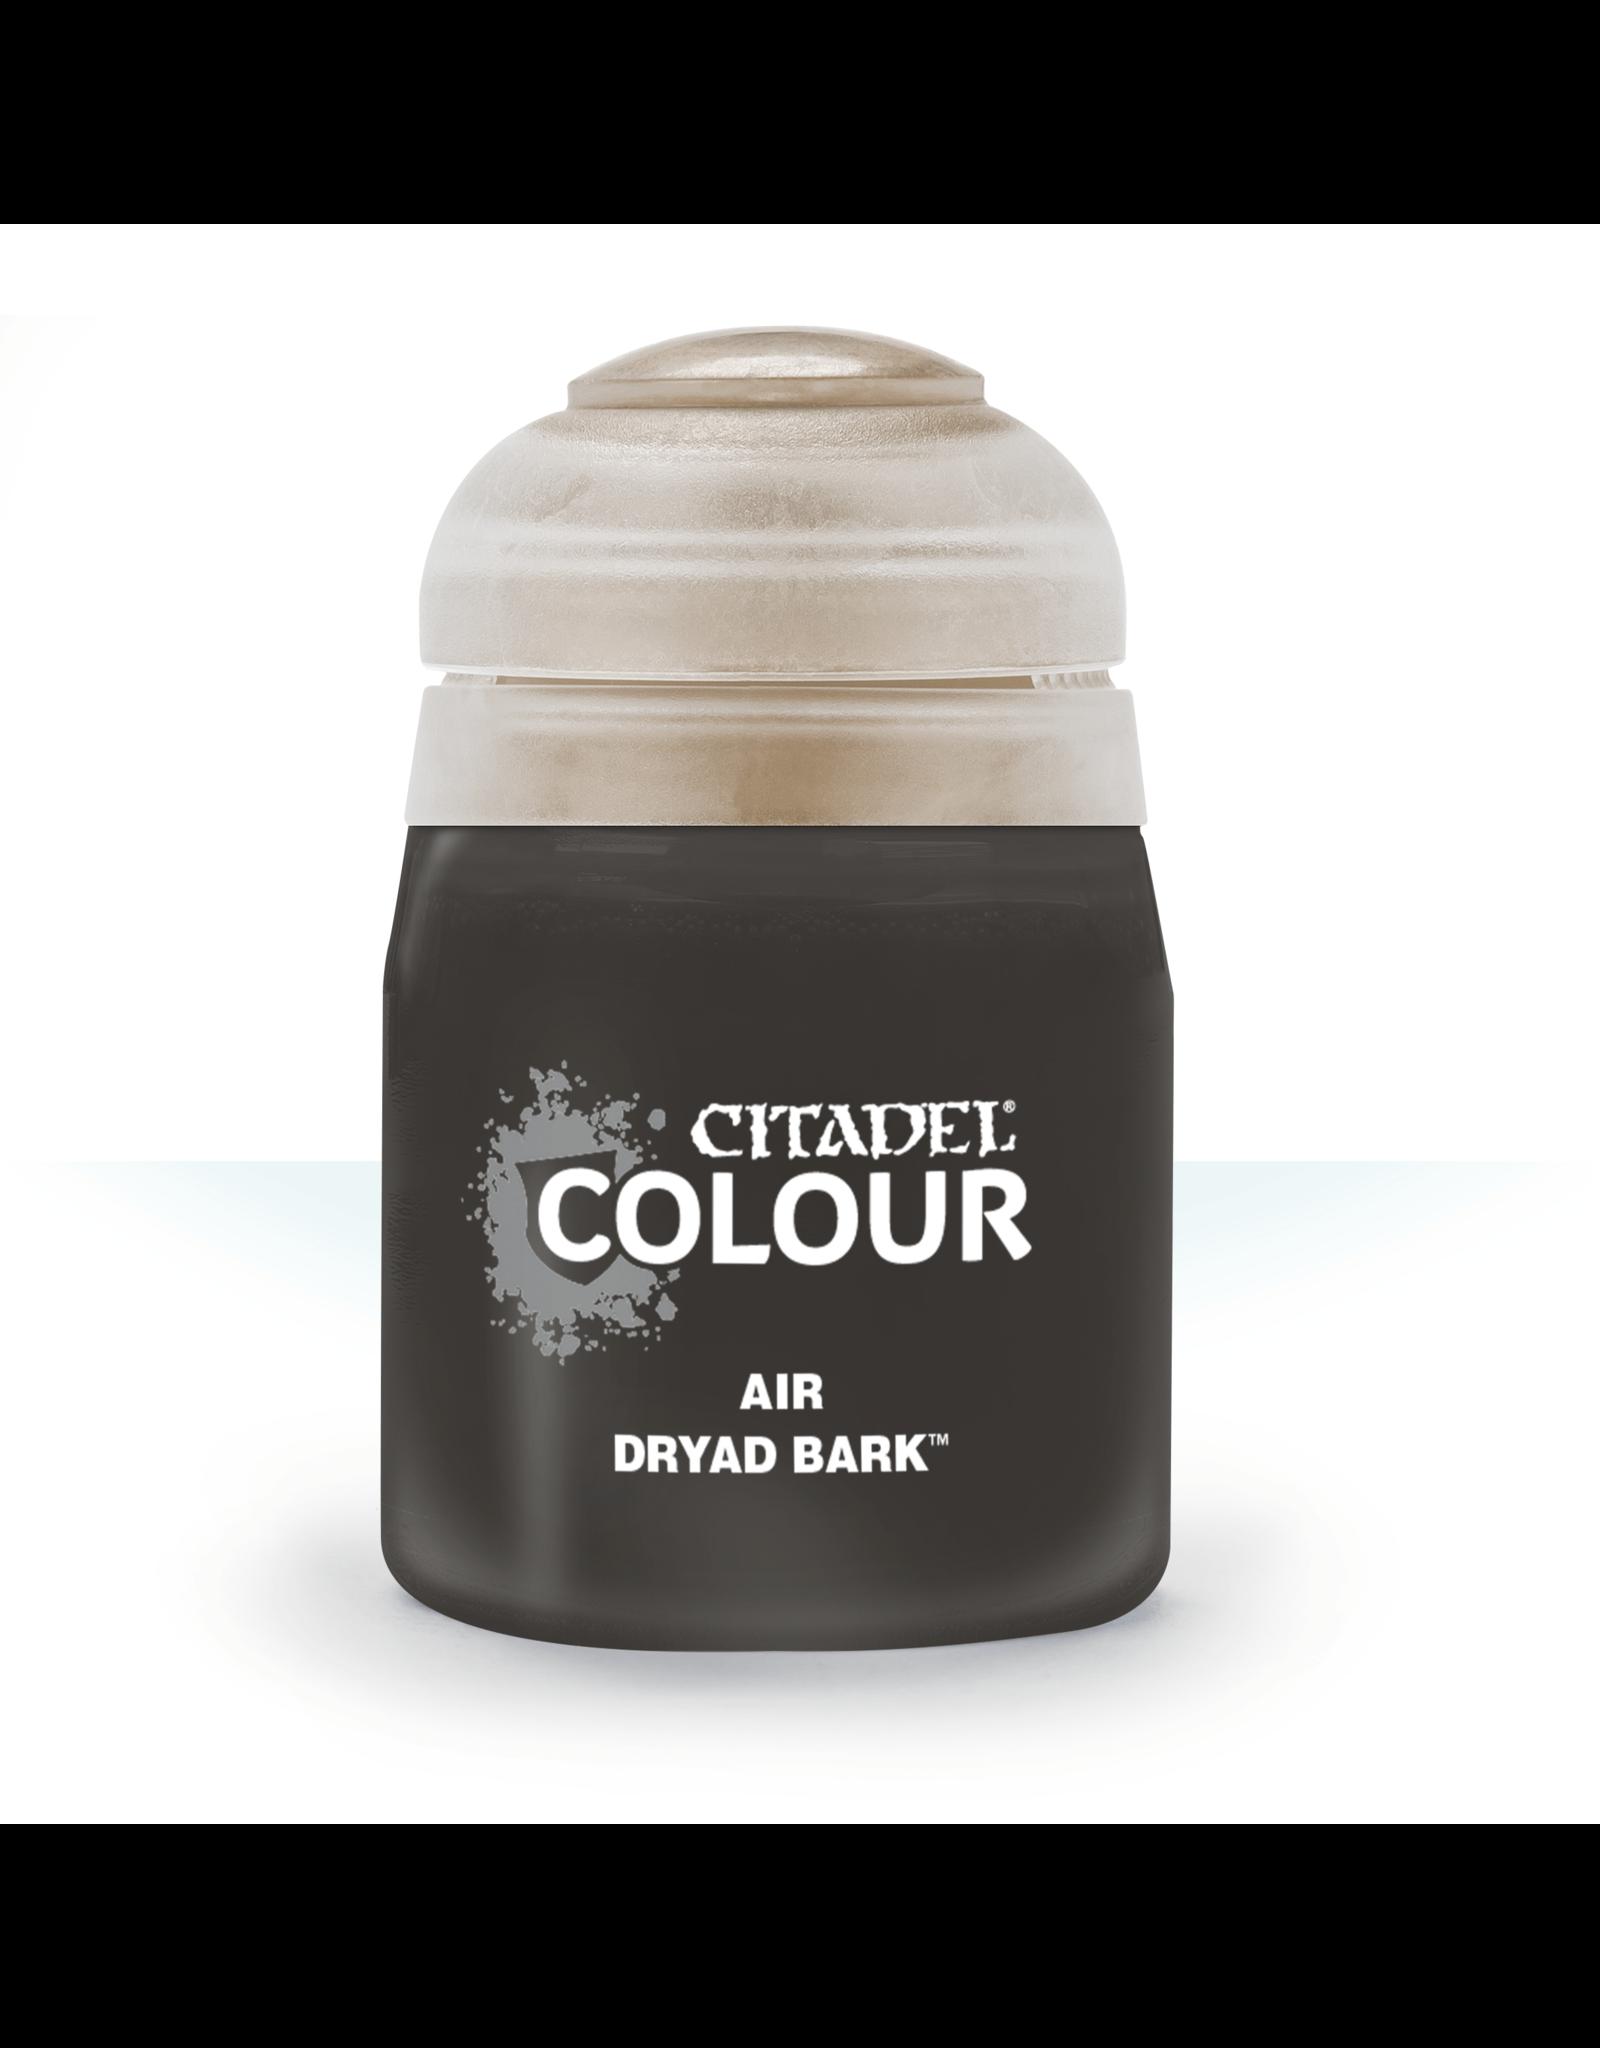 Citadel Citadel Paints: Air - Dryad Bark